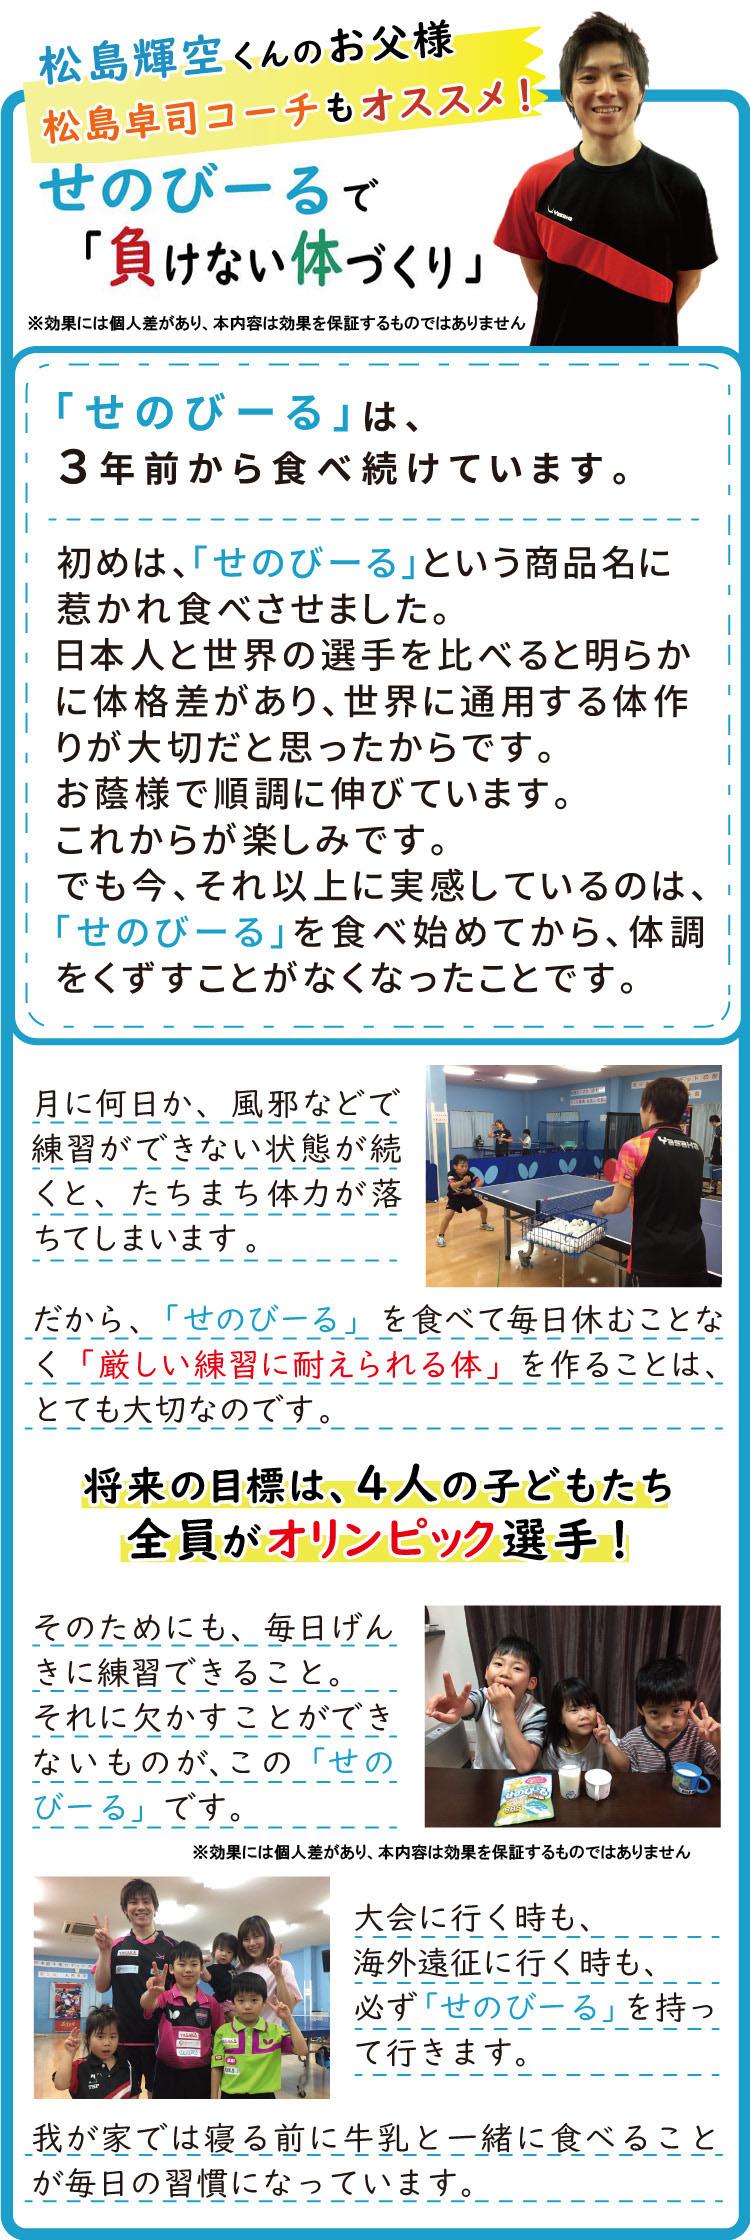 松島選手お父さんの体験談